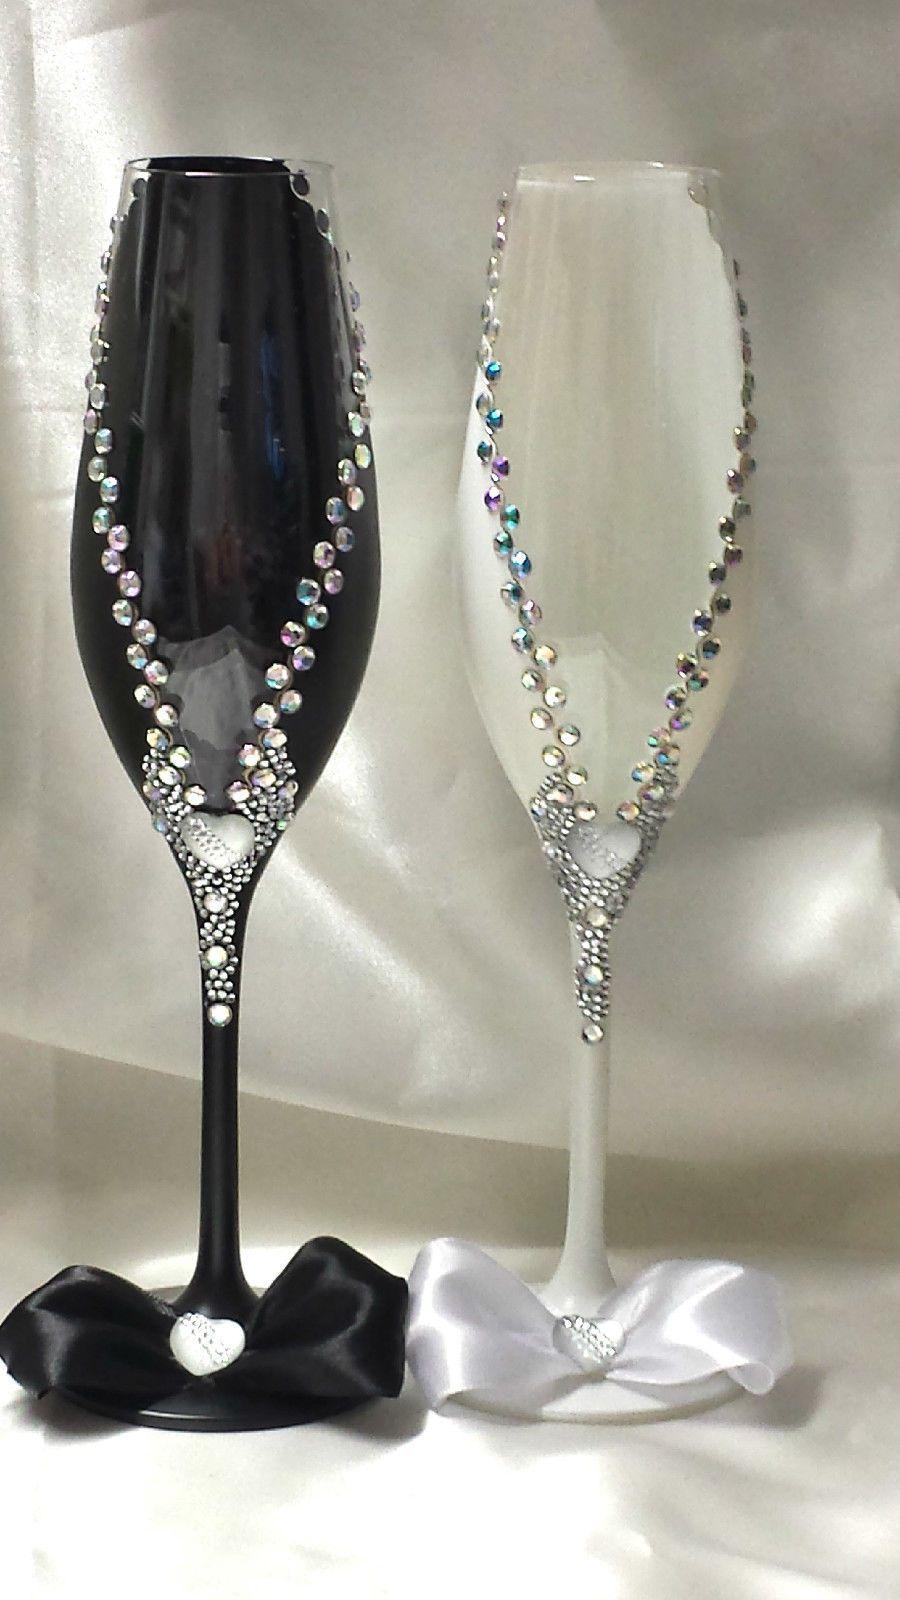 Hochzeitsglaser Sektglaser Hochzeitsgeschenk Handarbeitnr 45 Ebay